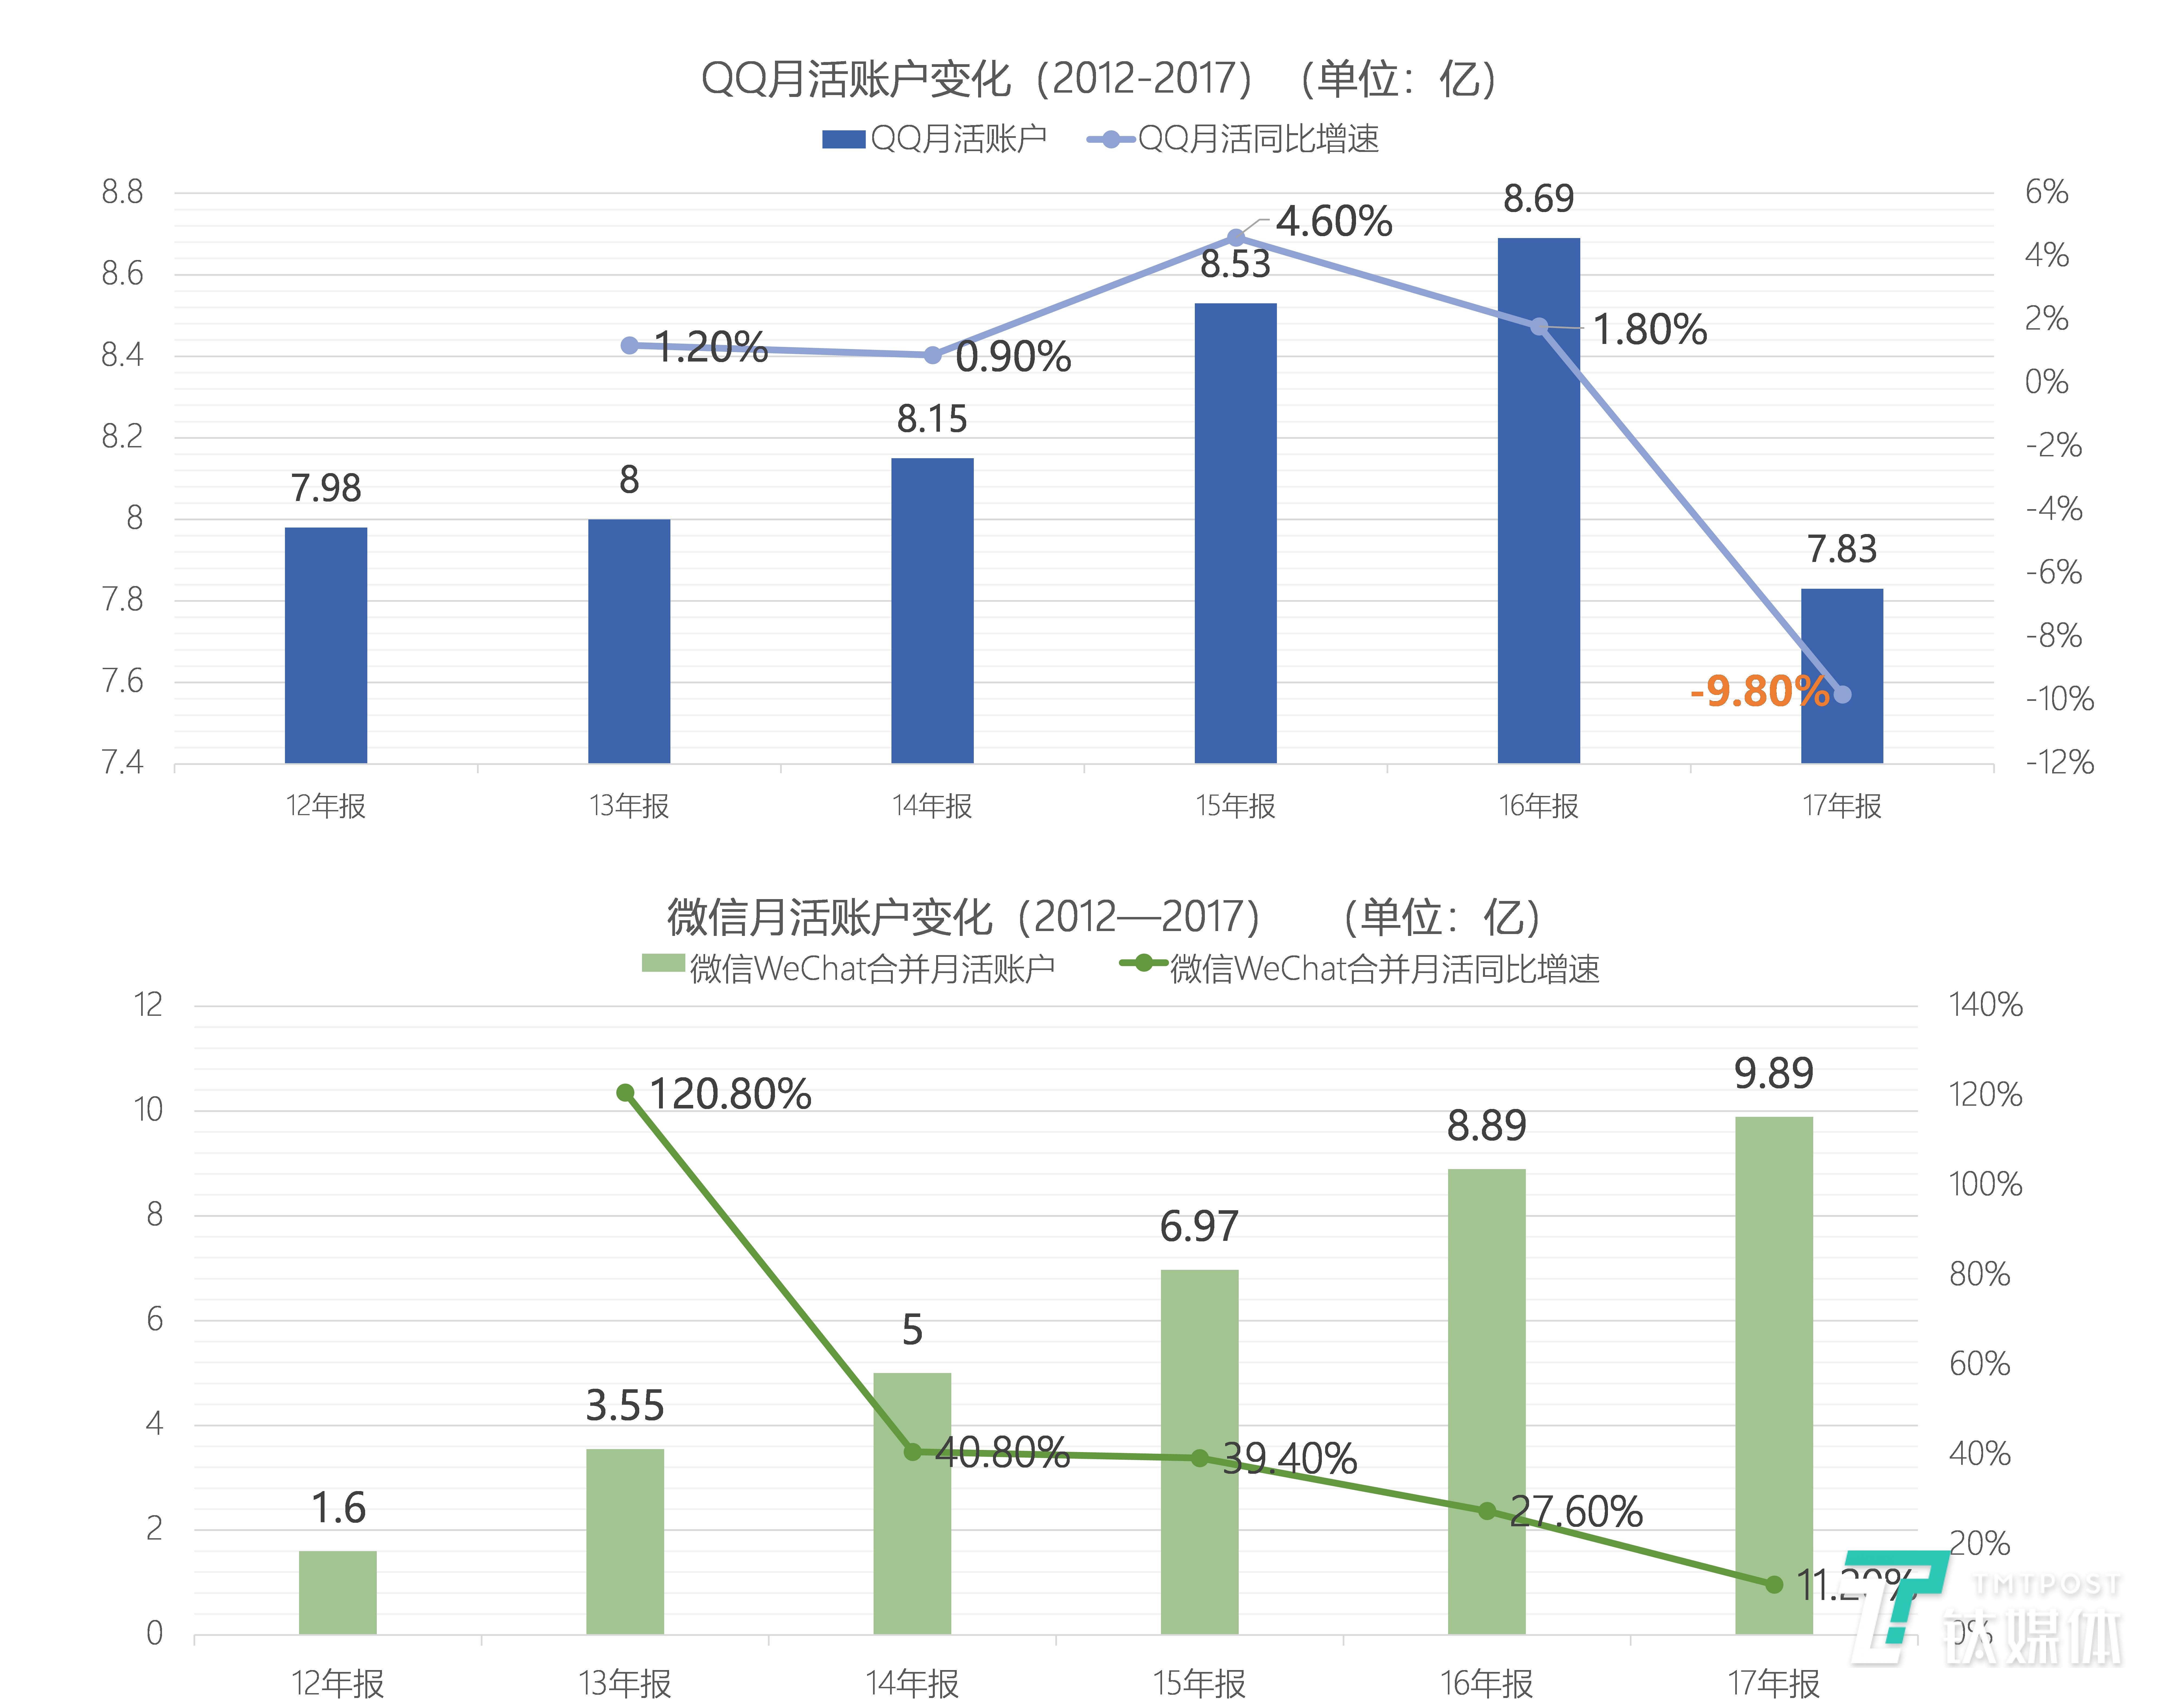 腾讯QQ及微信月活账户变化(2012-2017) 数据整理/芦依,图表绘制/丛笑